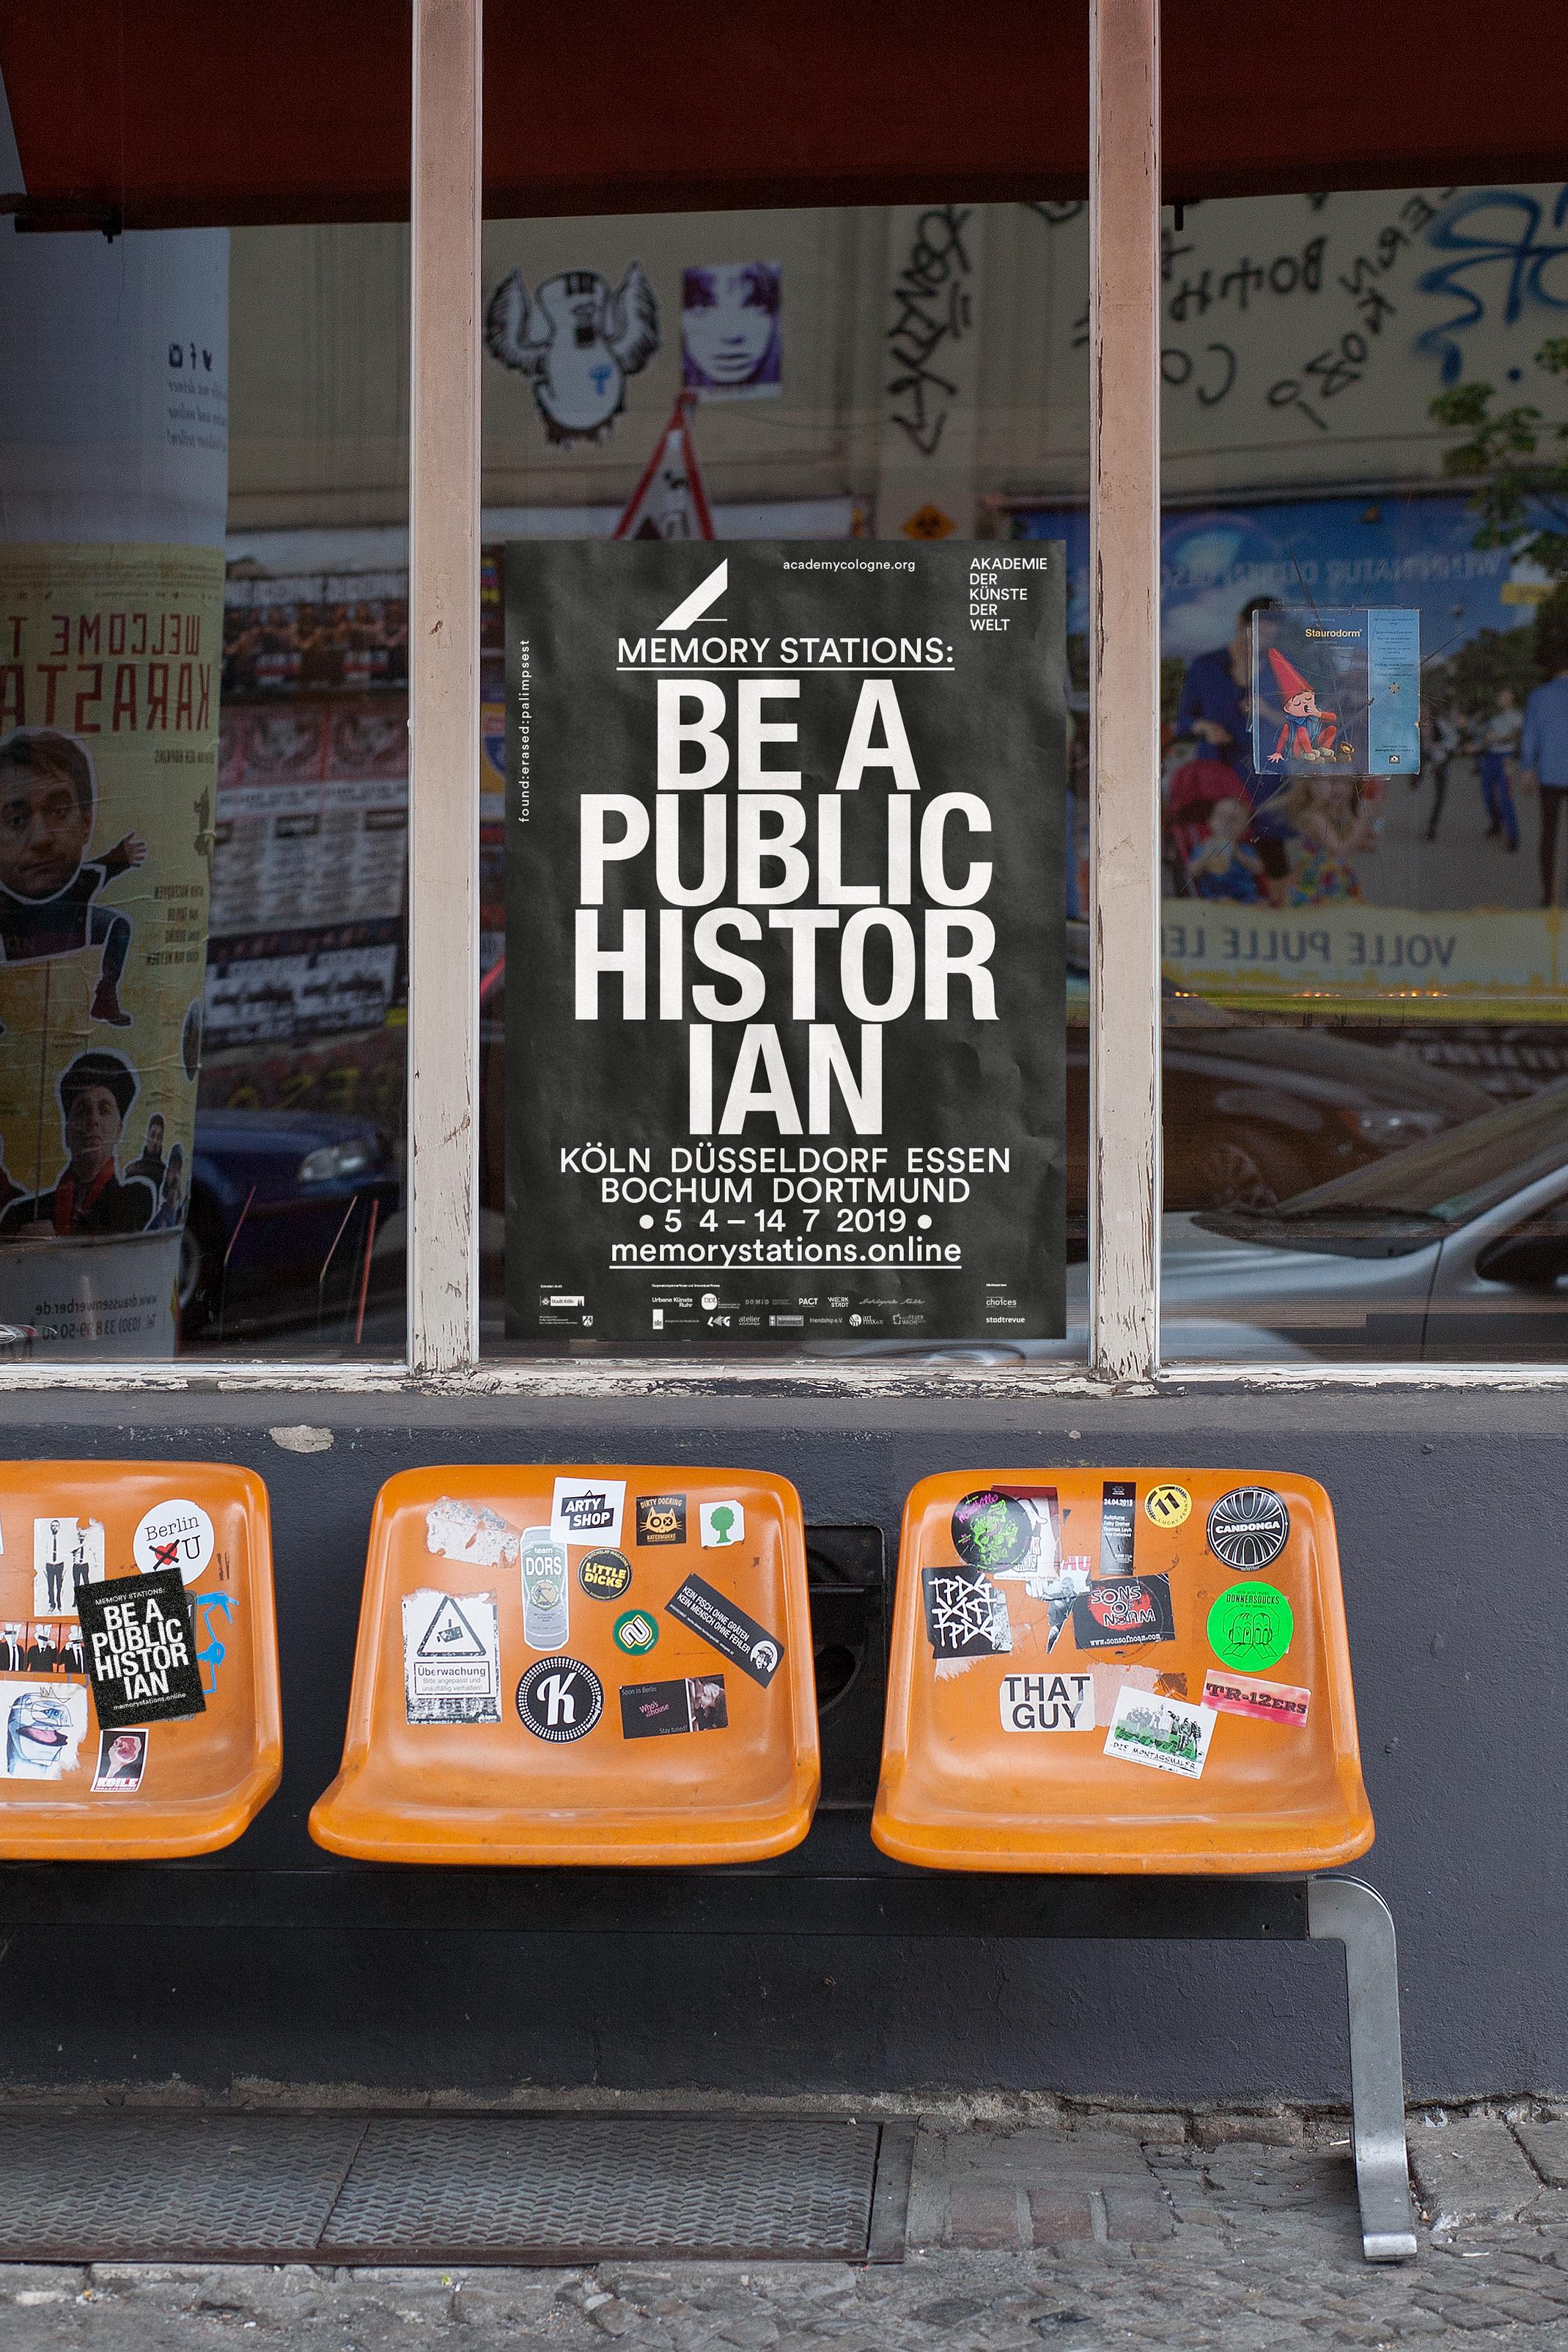 Akademie_der_Kuenste_der_Welt_Buero_Freiheit_Poster_Design_Kampagne_Be_a_public_hostorian1 Be a public historian